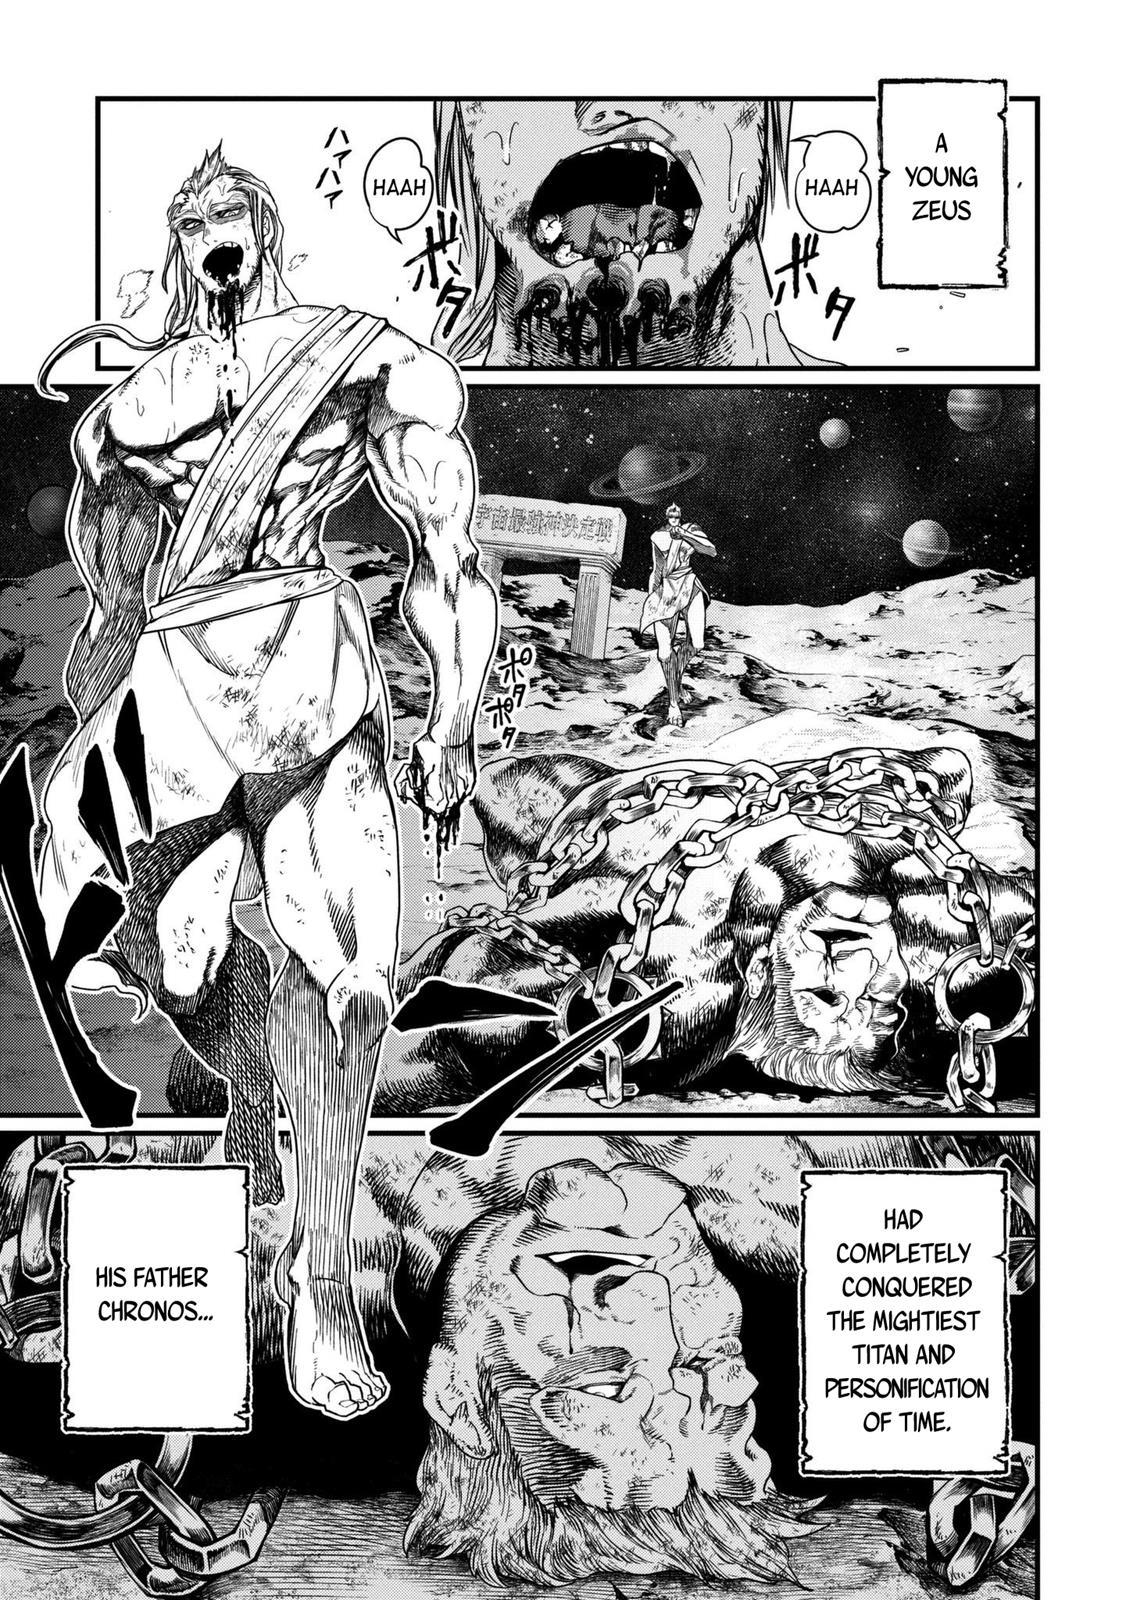 Shuumatsu no Valkyrie, Chapter 9 image 033